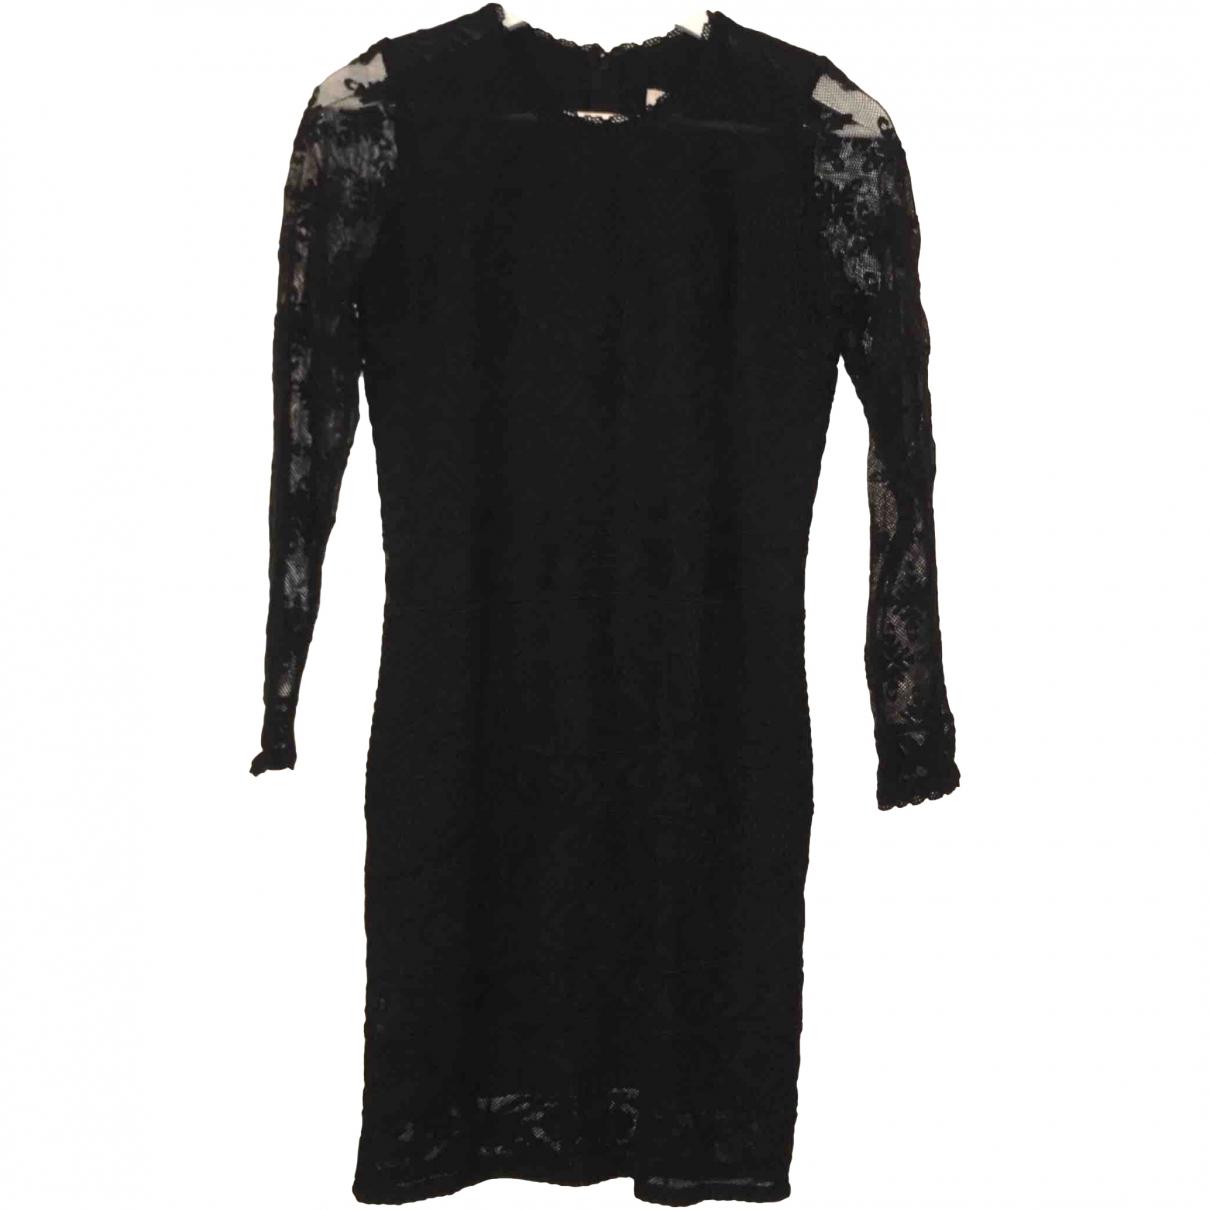 Isabel Marant Pour H&m \N Black Cotton dress for Women 34 FR